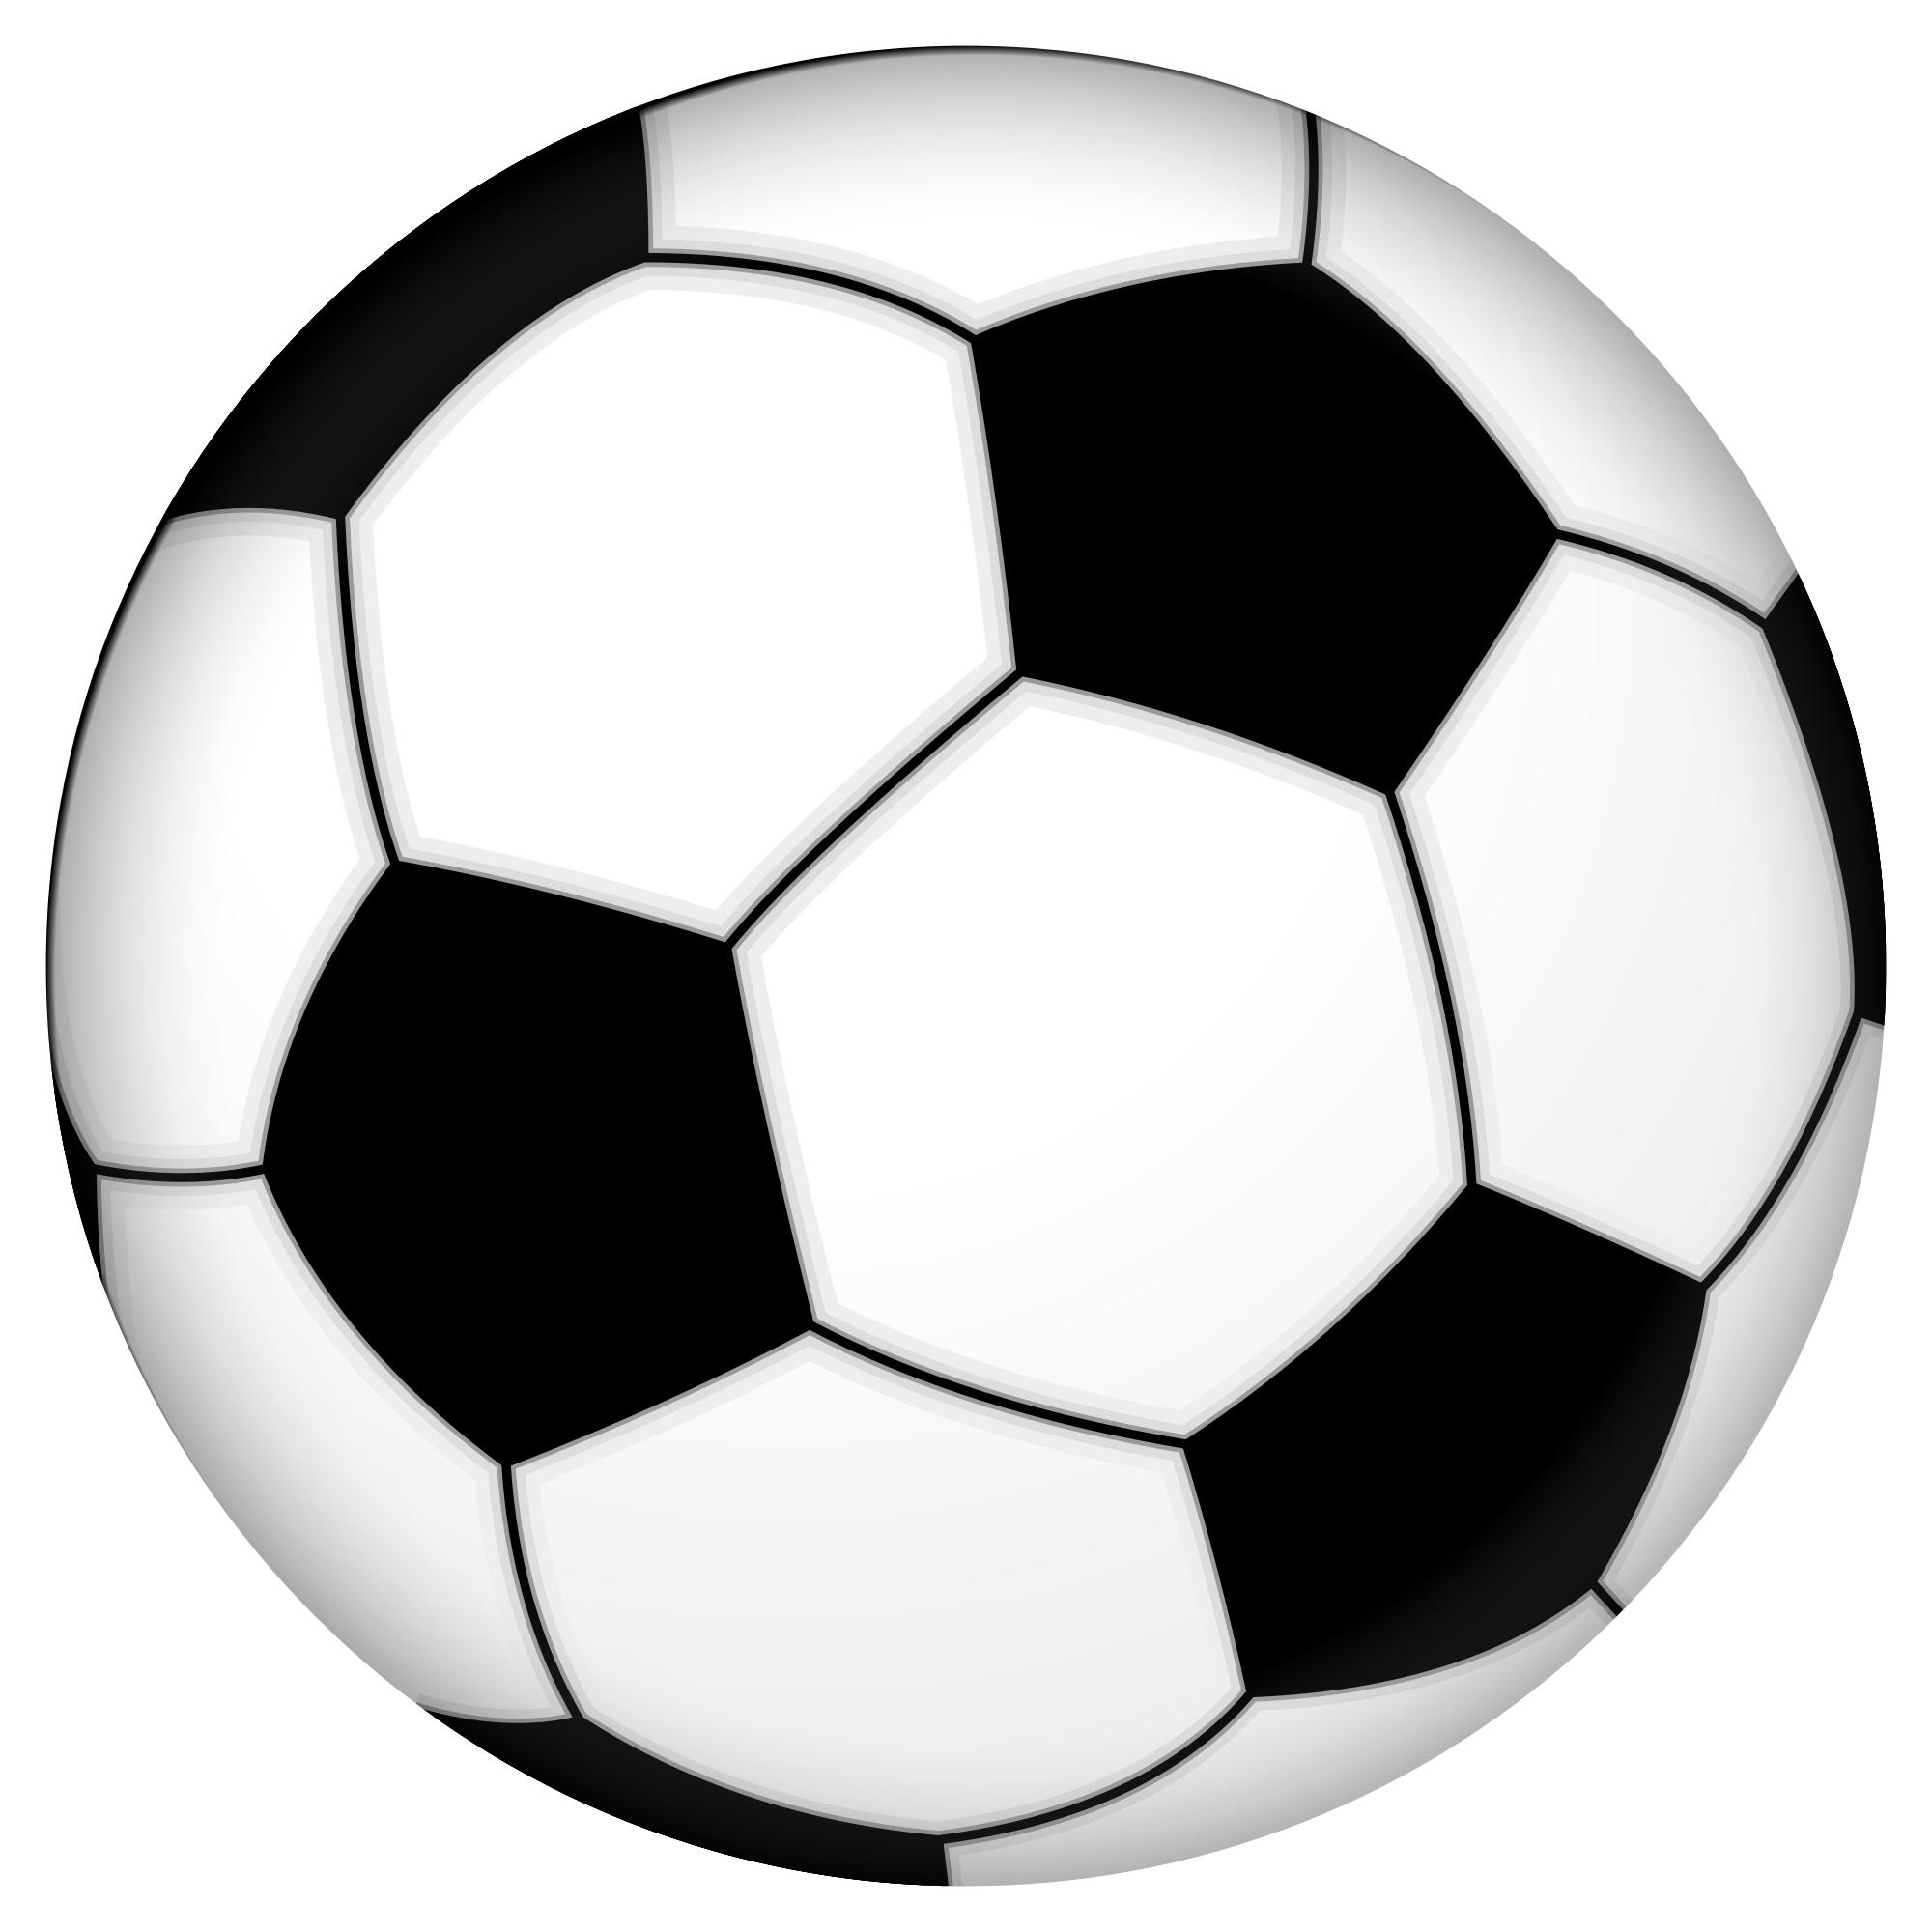 2000x2000 Clip Art Soccer Ball